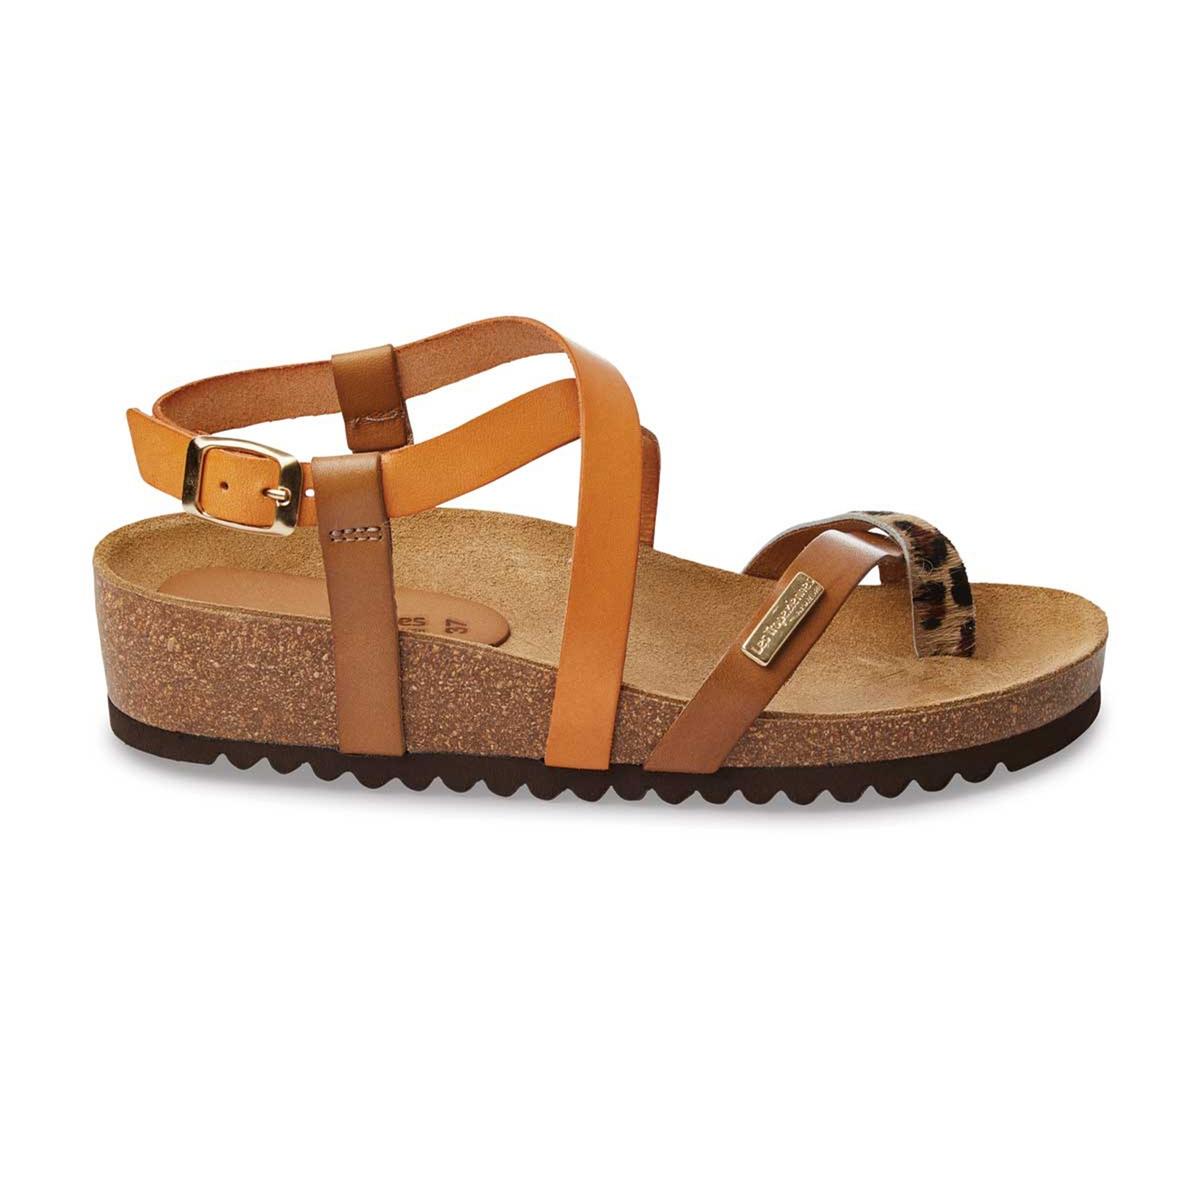 Босоножки кожаные PatioВерх/Голенище : кожа   Стелька : невыделанная кожа  Подошва : синтетика  Высота каблука : 3 см  Форма каблука : плоский каблук  Мысок : закругленный мысок  Застежка : пряжка<br><br>Цвет: каштановый / оранжевый<br>Размер: 40